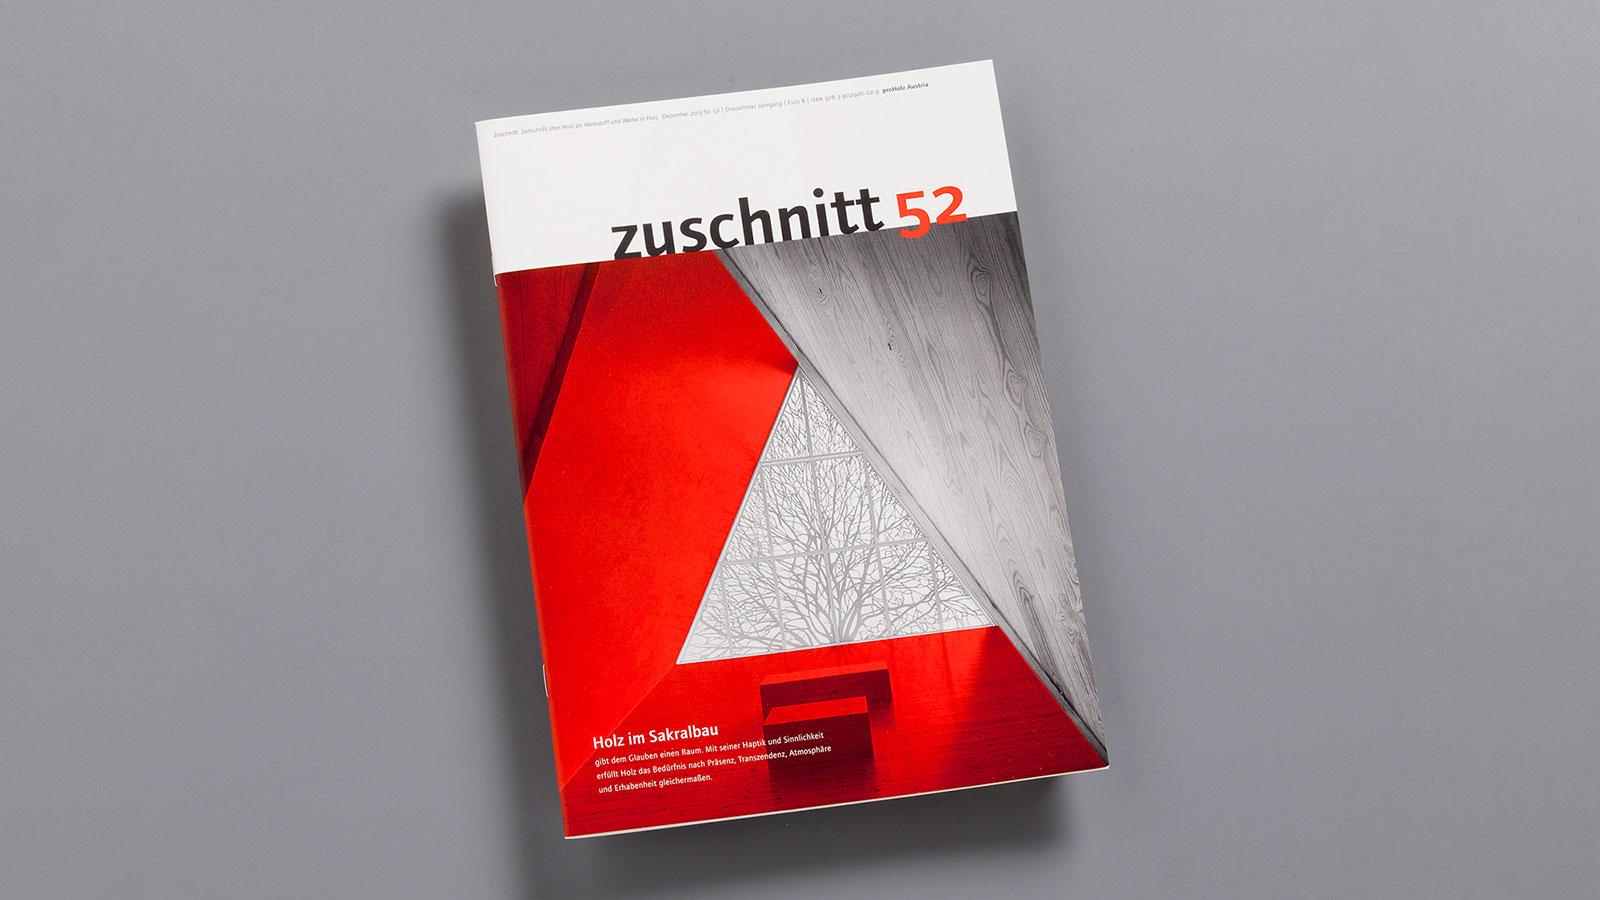 Fachzeitschrift zuschnitt (c) Atelier Gassner